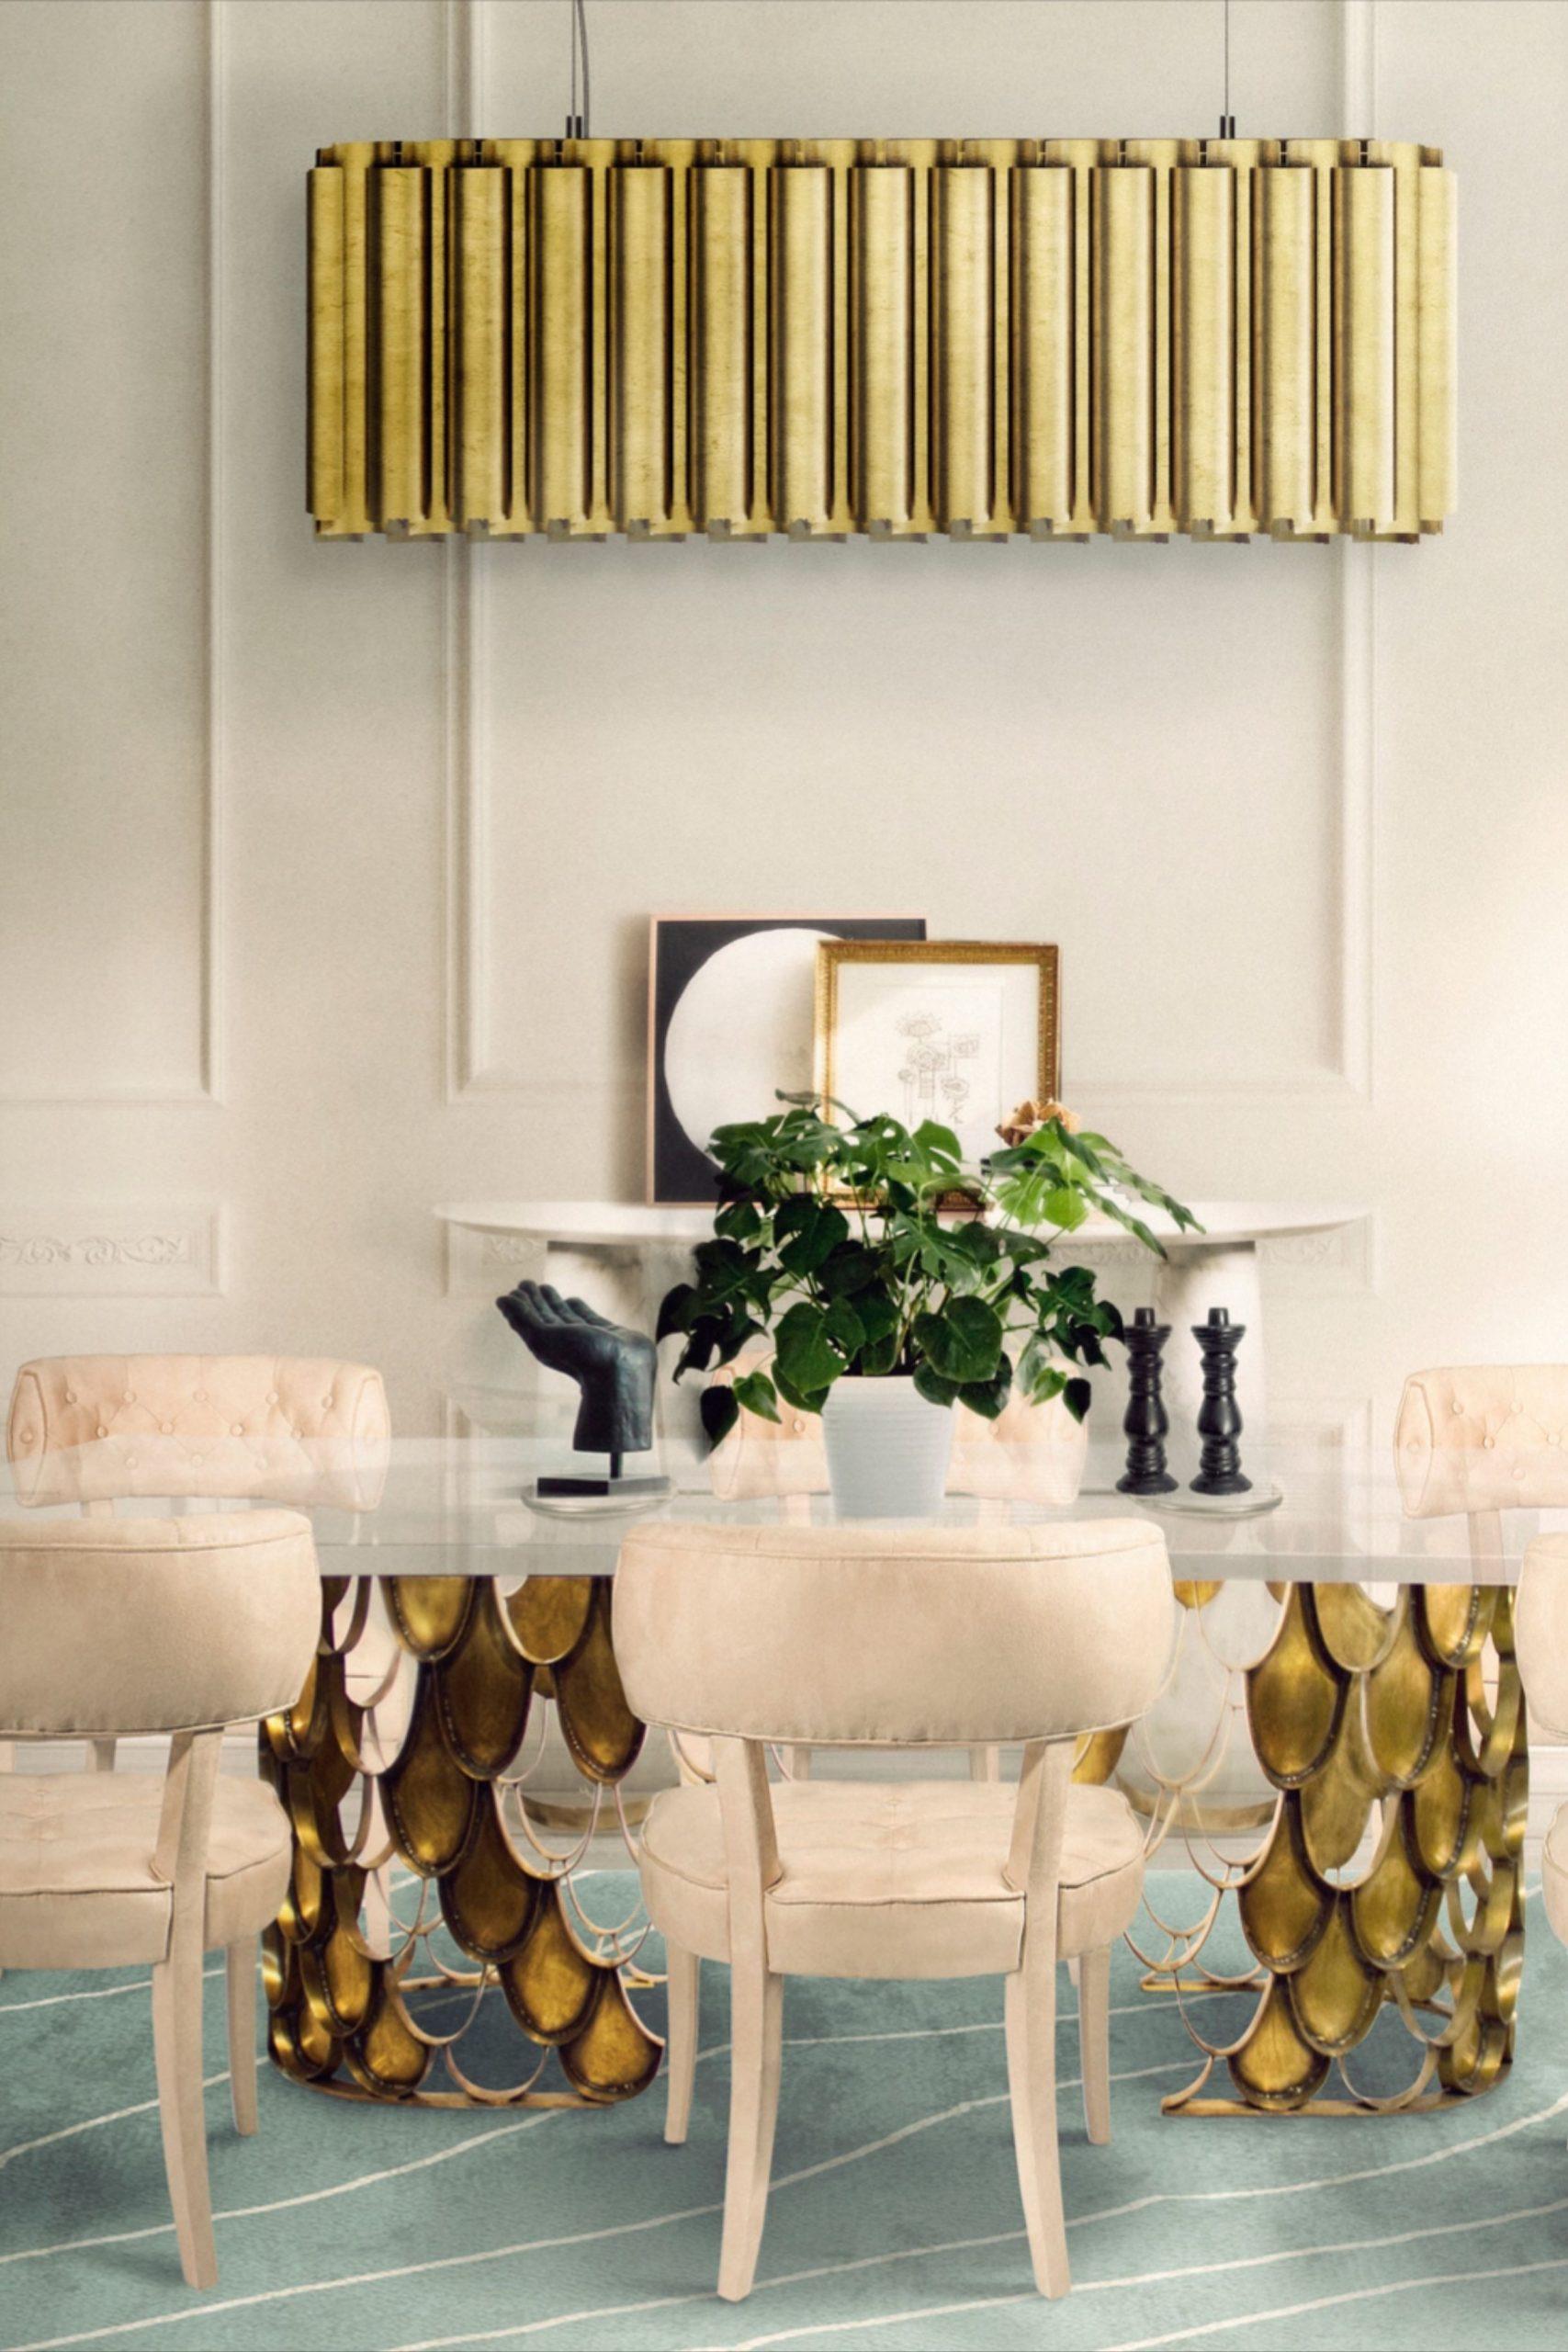 Sillas de Comedor: Piezas poderosas para un proyecto elegante sillas de comedor Sillas de Comedor: Piezas poderosas para un proyecto elegante f1b302dee557ca23991bd048c256cbe1 scaled